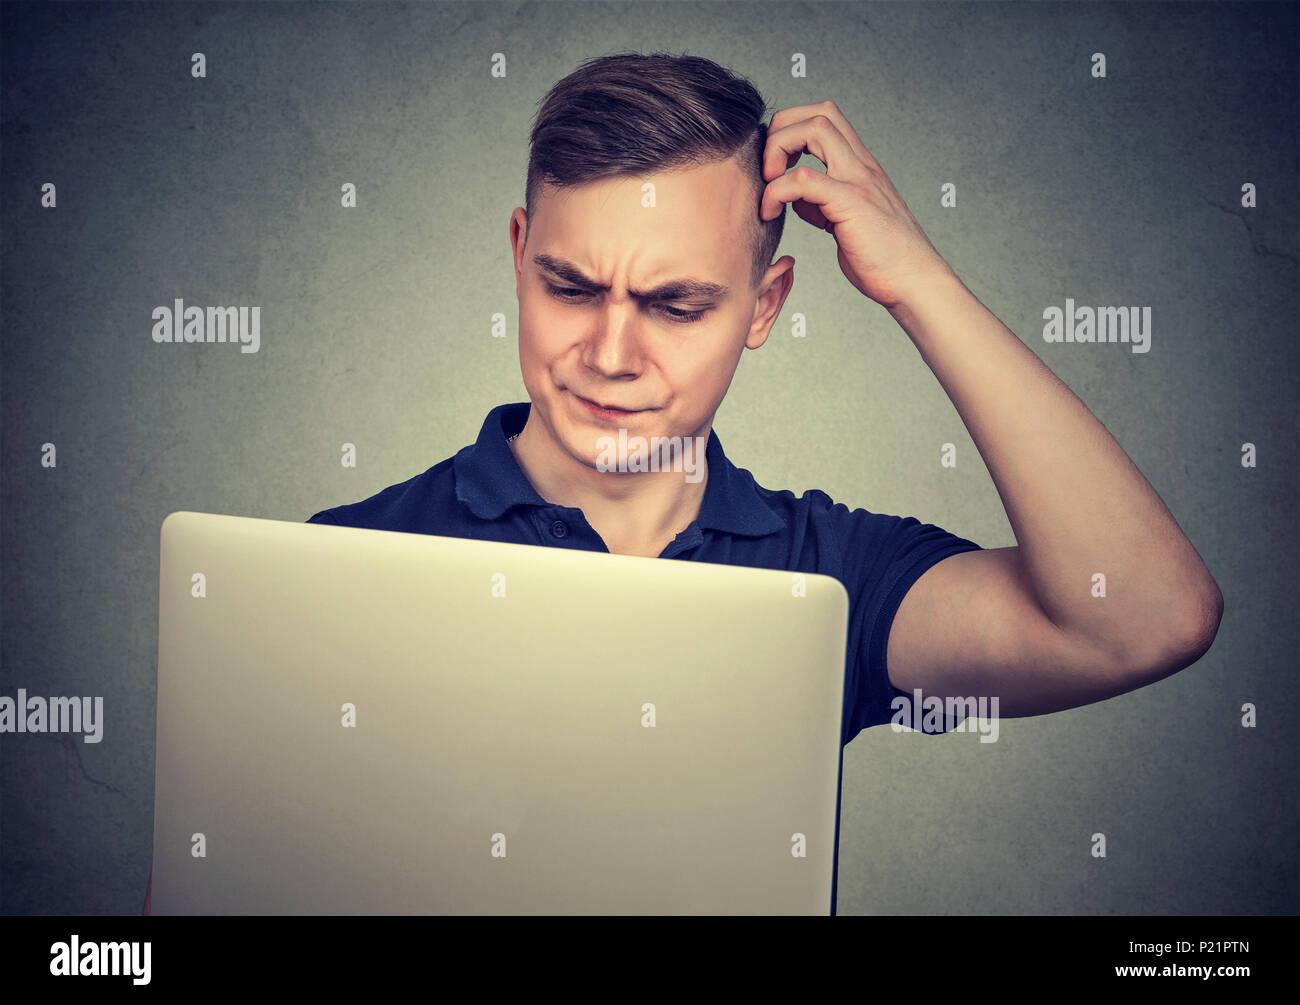 Joven hombre casual mirando perplejos mientras usa el portátil tiene dificultades con el dispositivo. Imagen De Stock